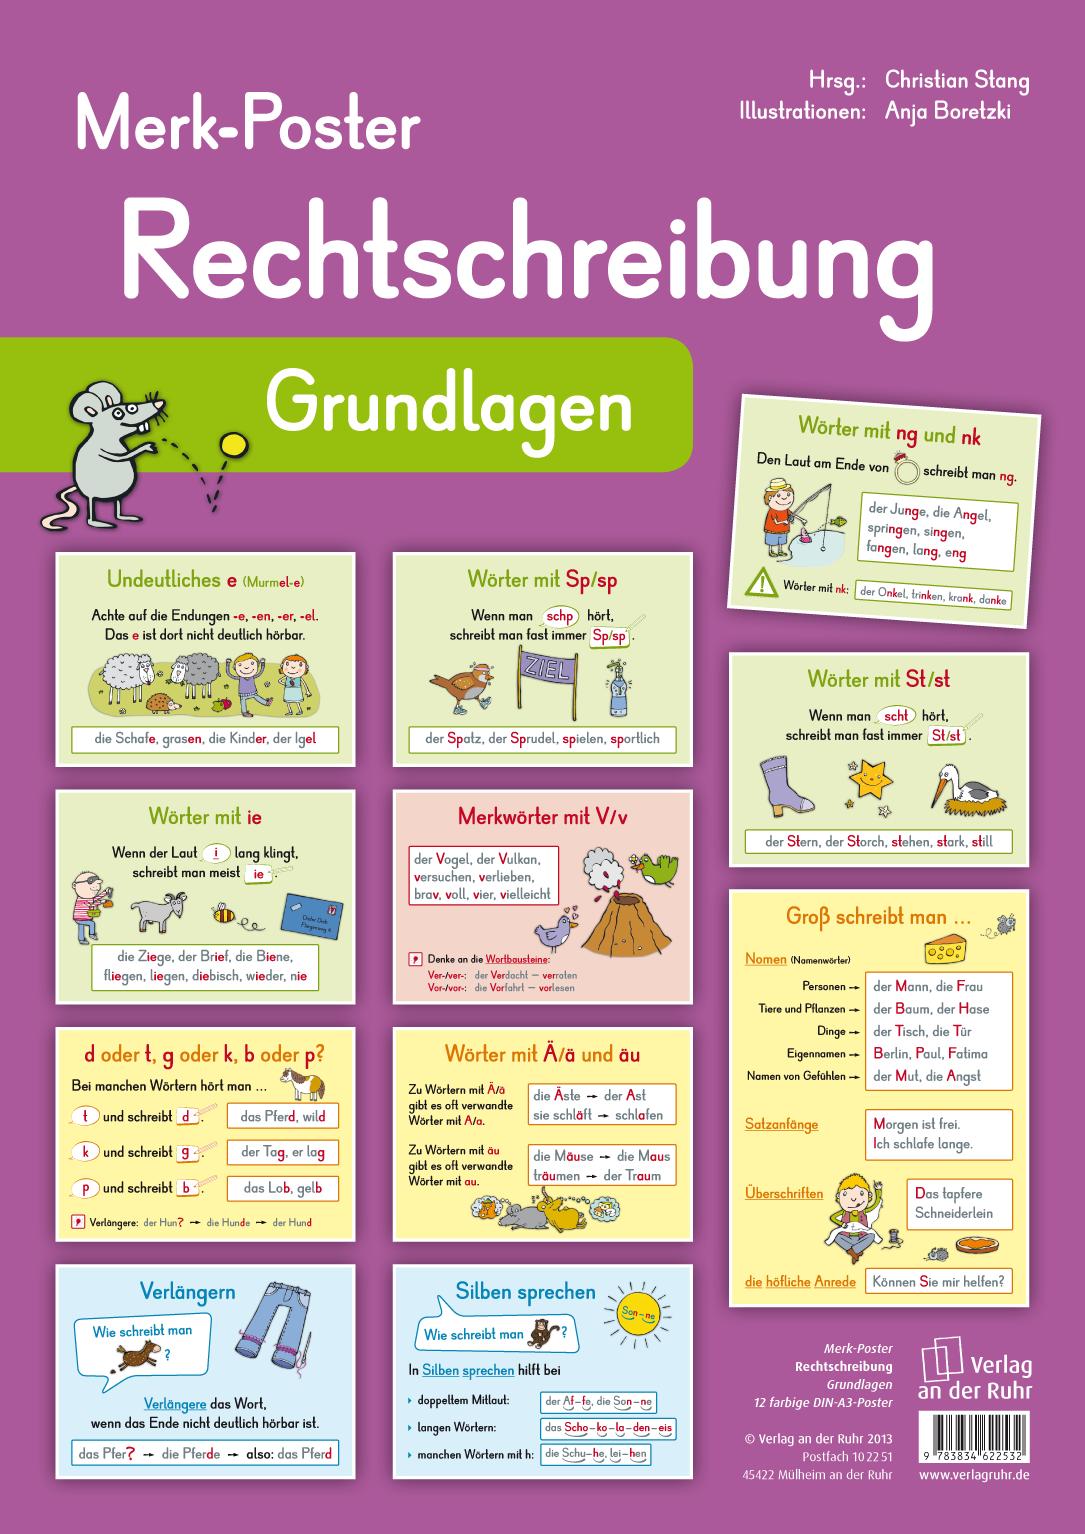 Rechtschreibung - Grundlagen | Rechtschreibung, Schule und Deutsch